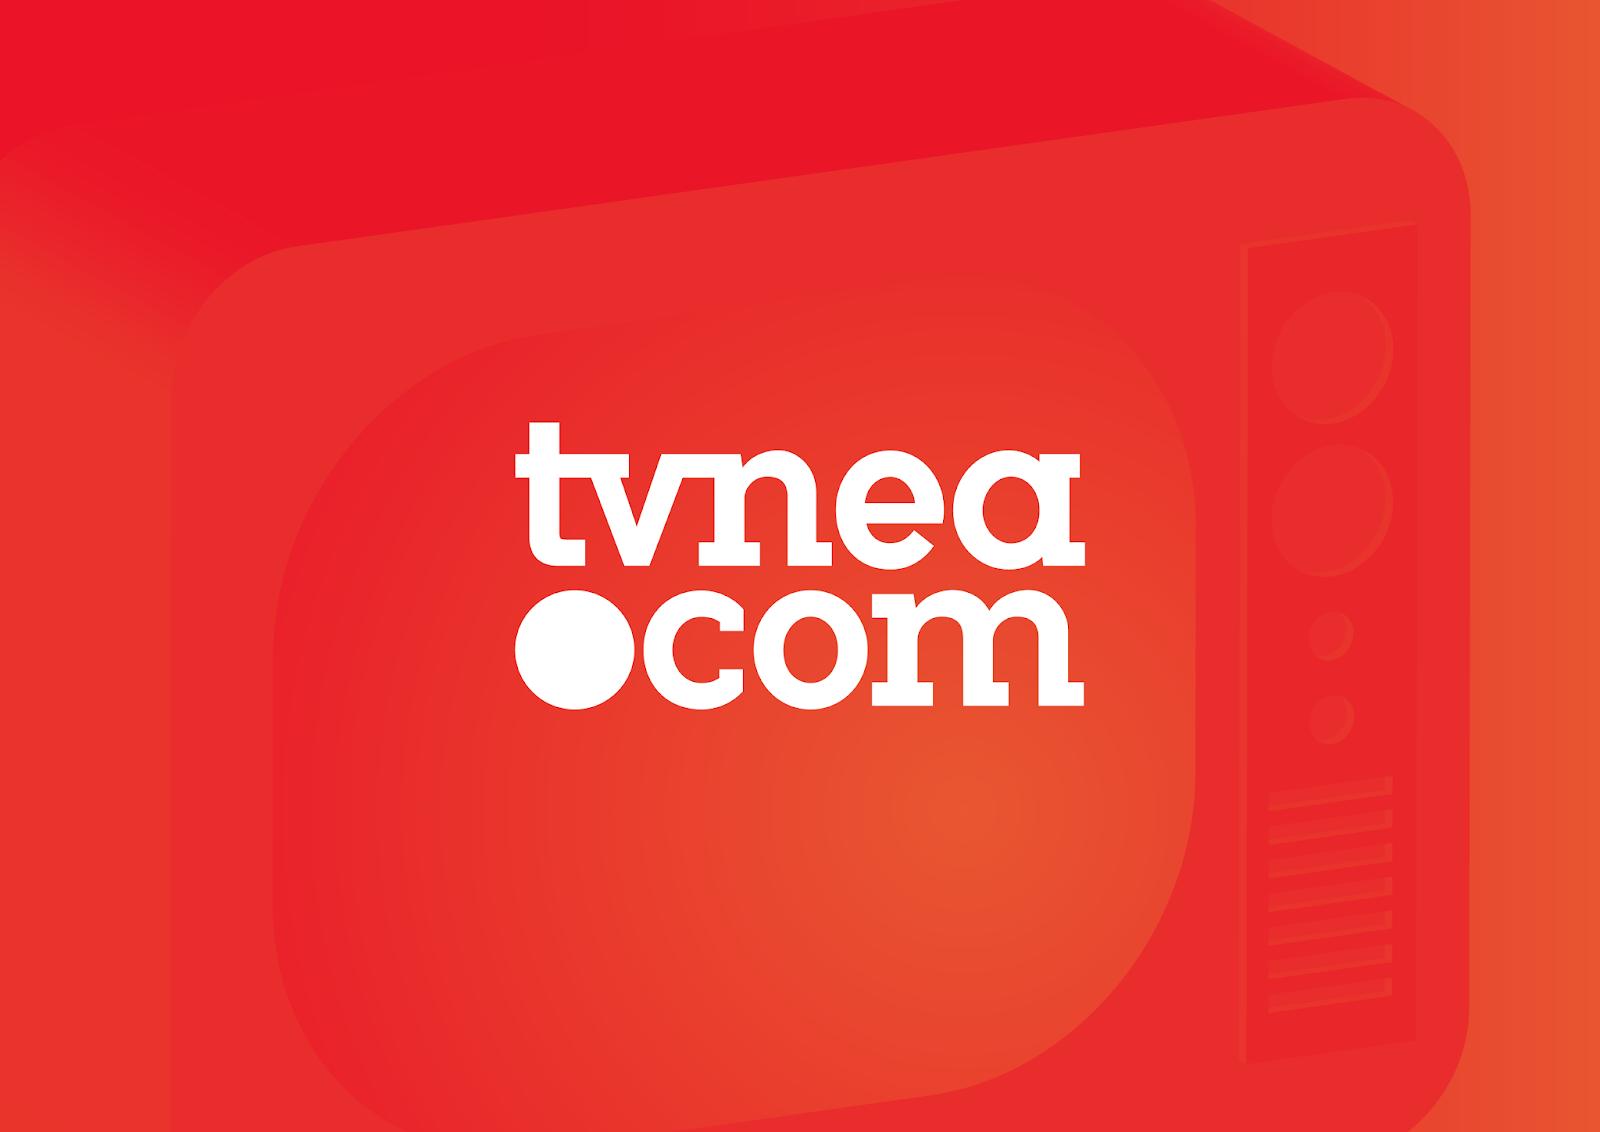 Διαφημιστείτε στο TVNEA.COM έξυπνα και πρωτίστως οικονομικά... - Φωτογραφία 1